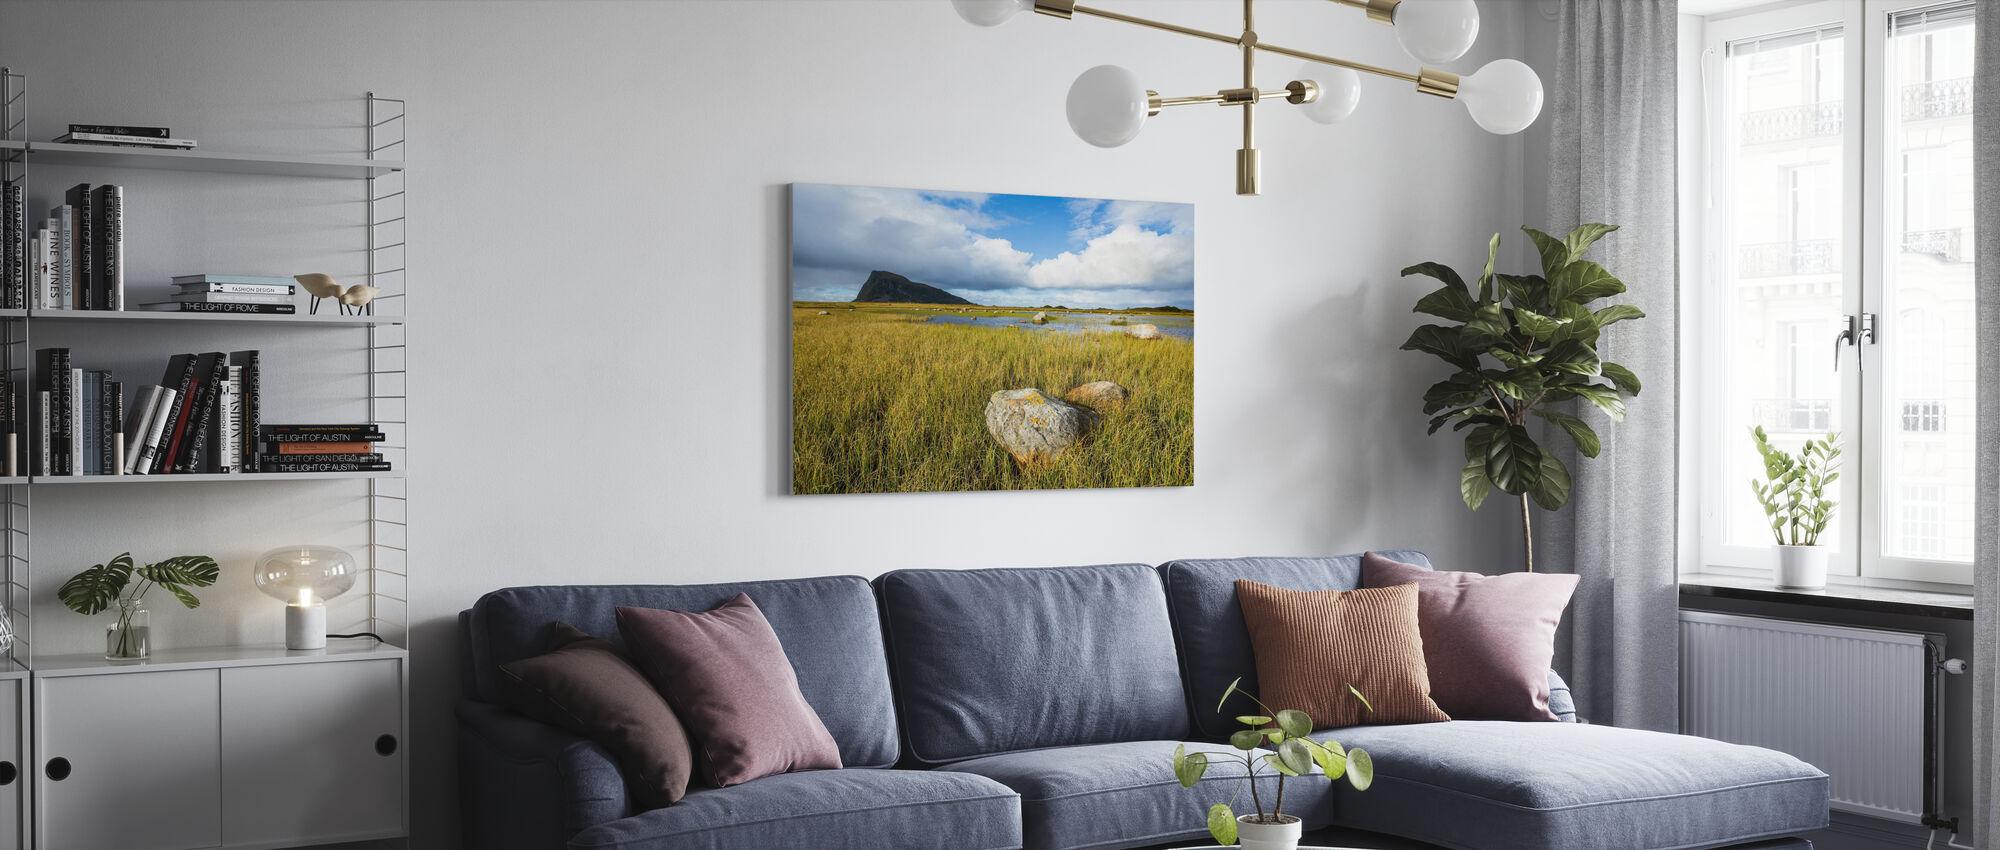 Rotsformaties in Grassy Coastline, Noorwegen - Canvas print - Woonkamer